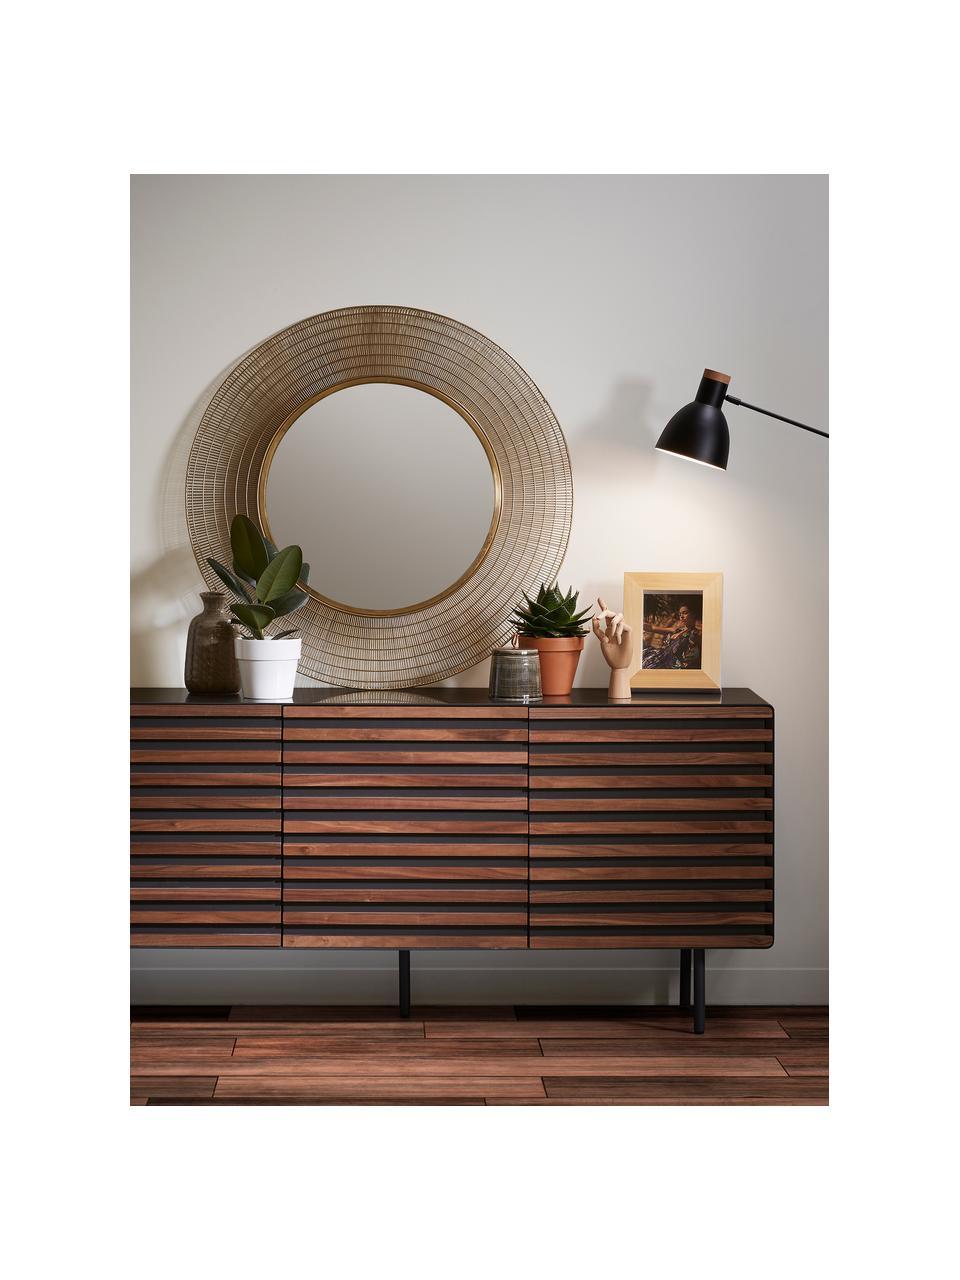 Sideboard Kesia mit Türen und Walnussfurnier, Graphit, Walnussholz, 162 x 74 cm